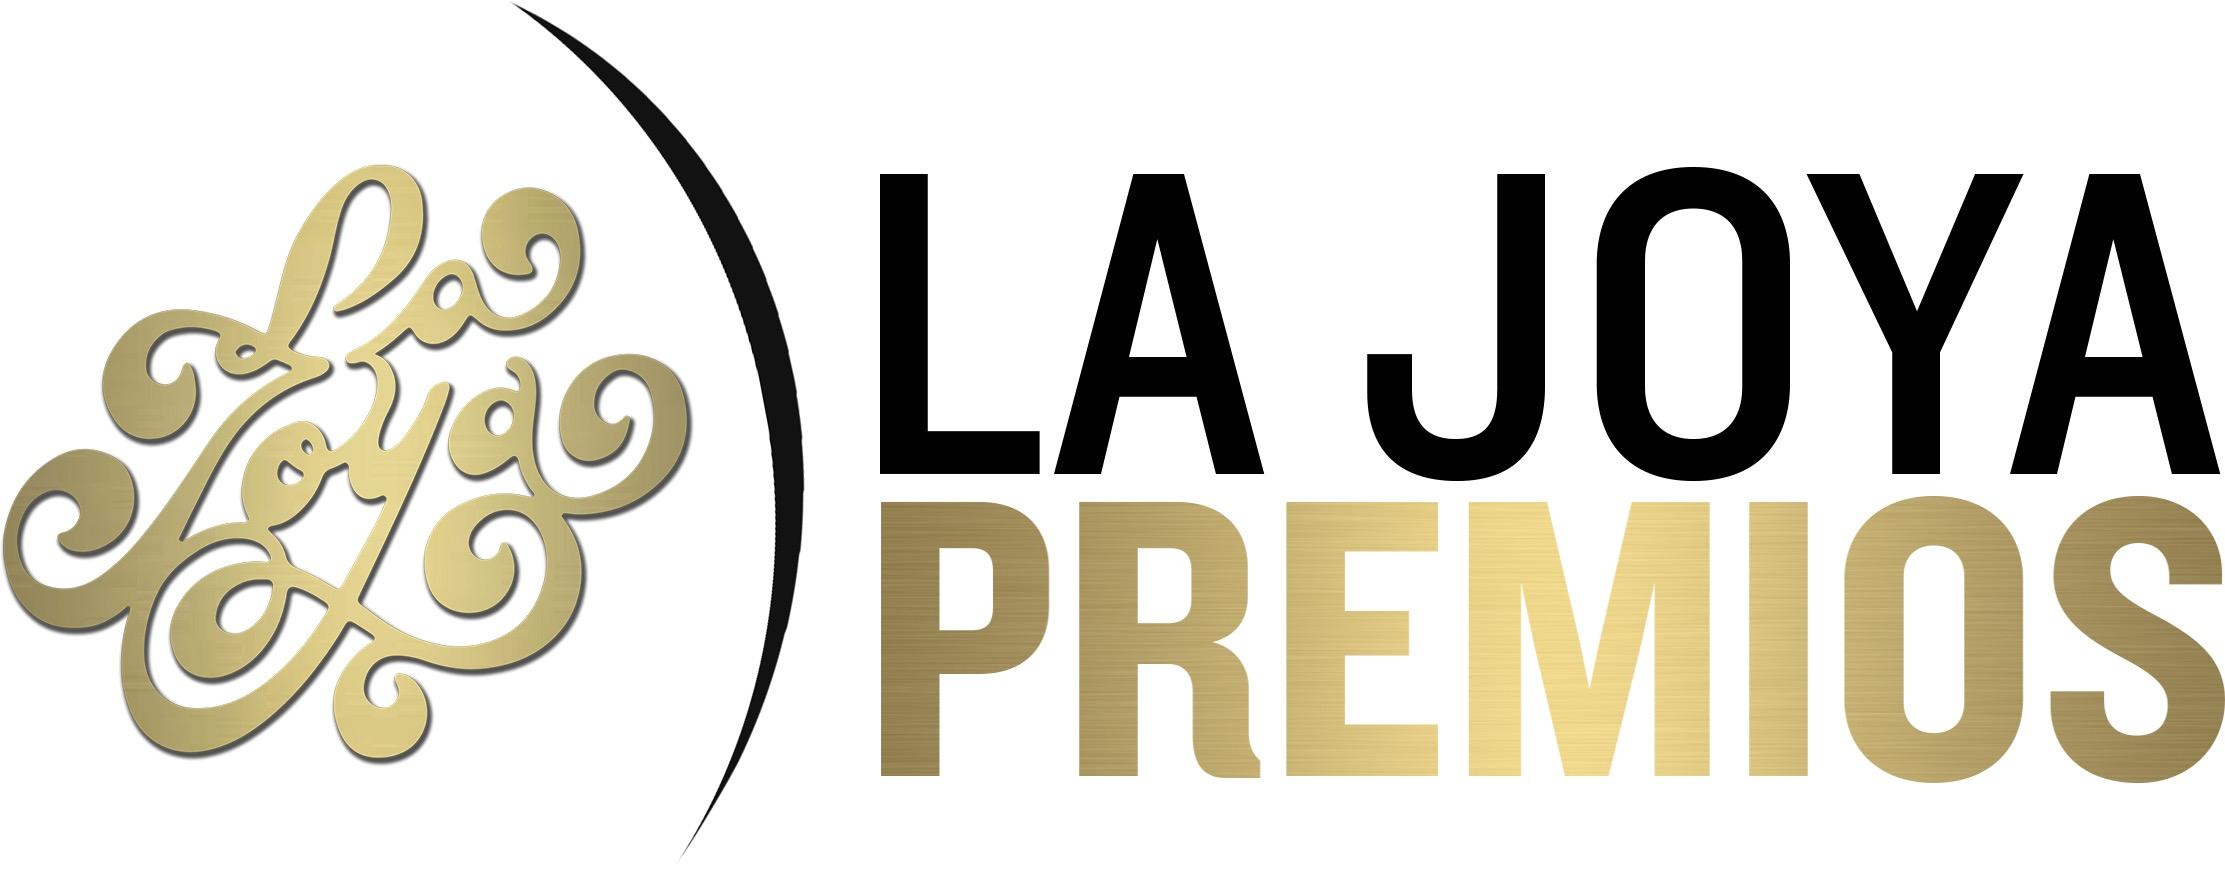 Premios La Joya